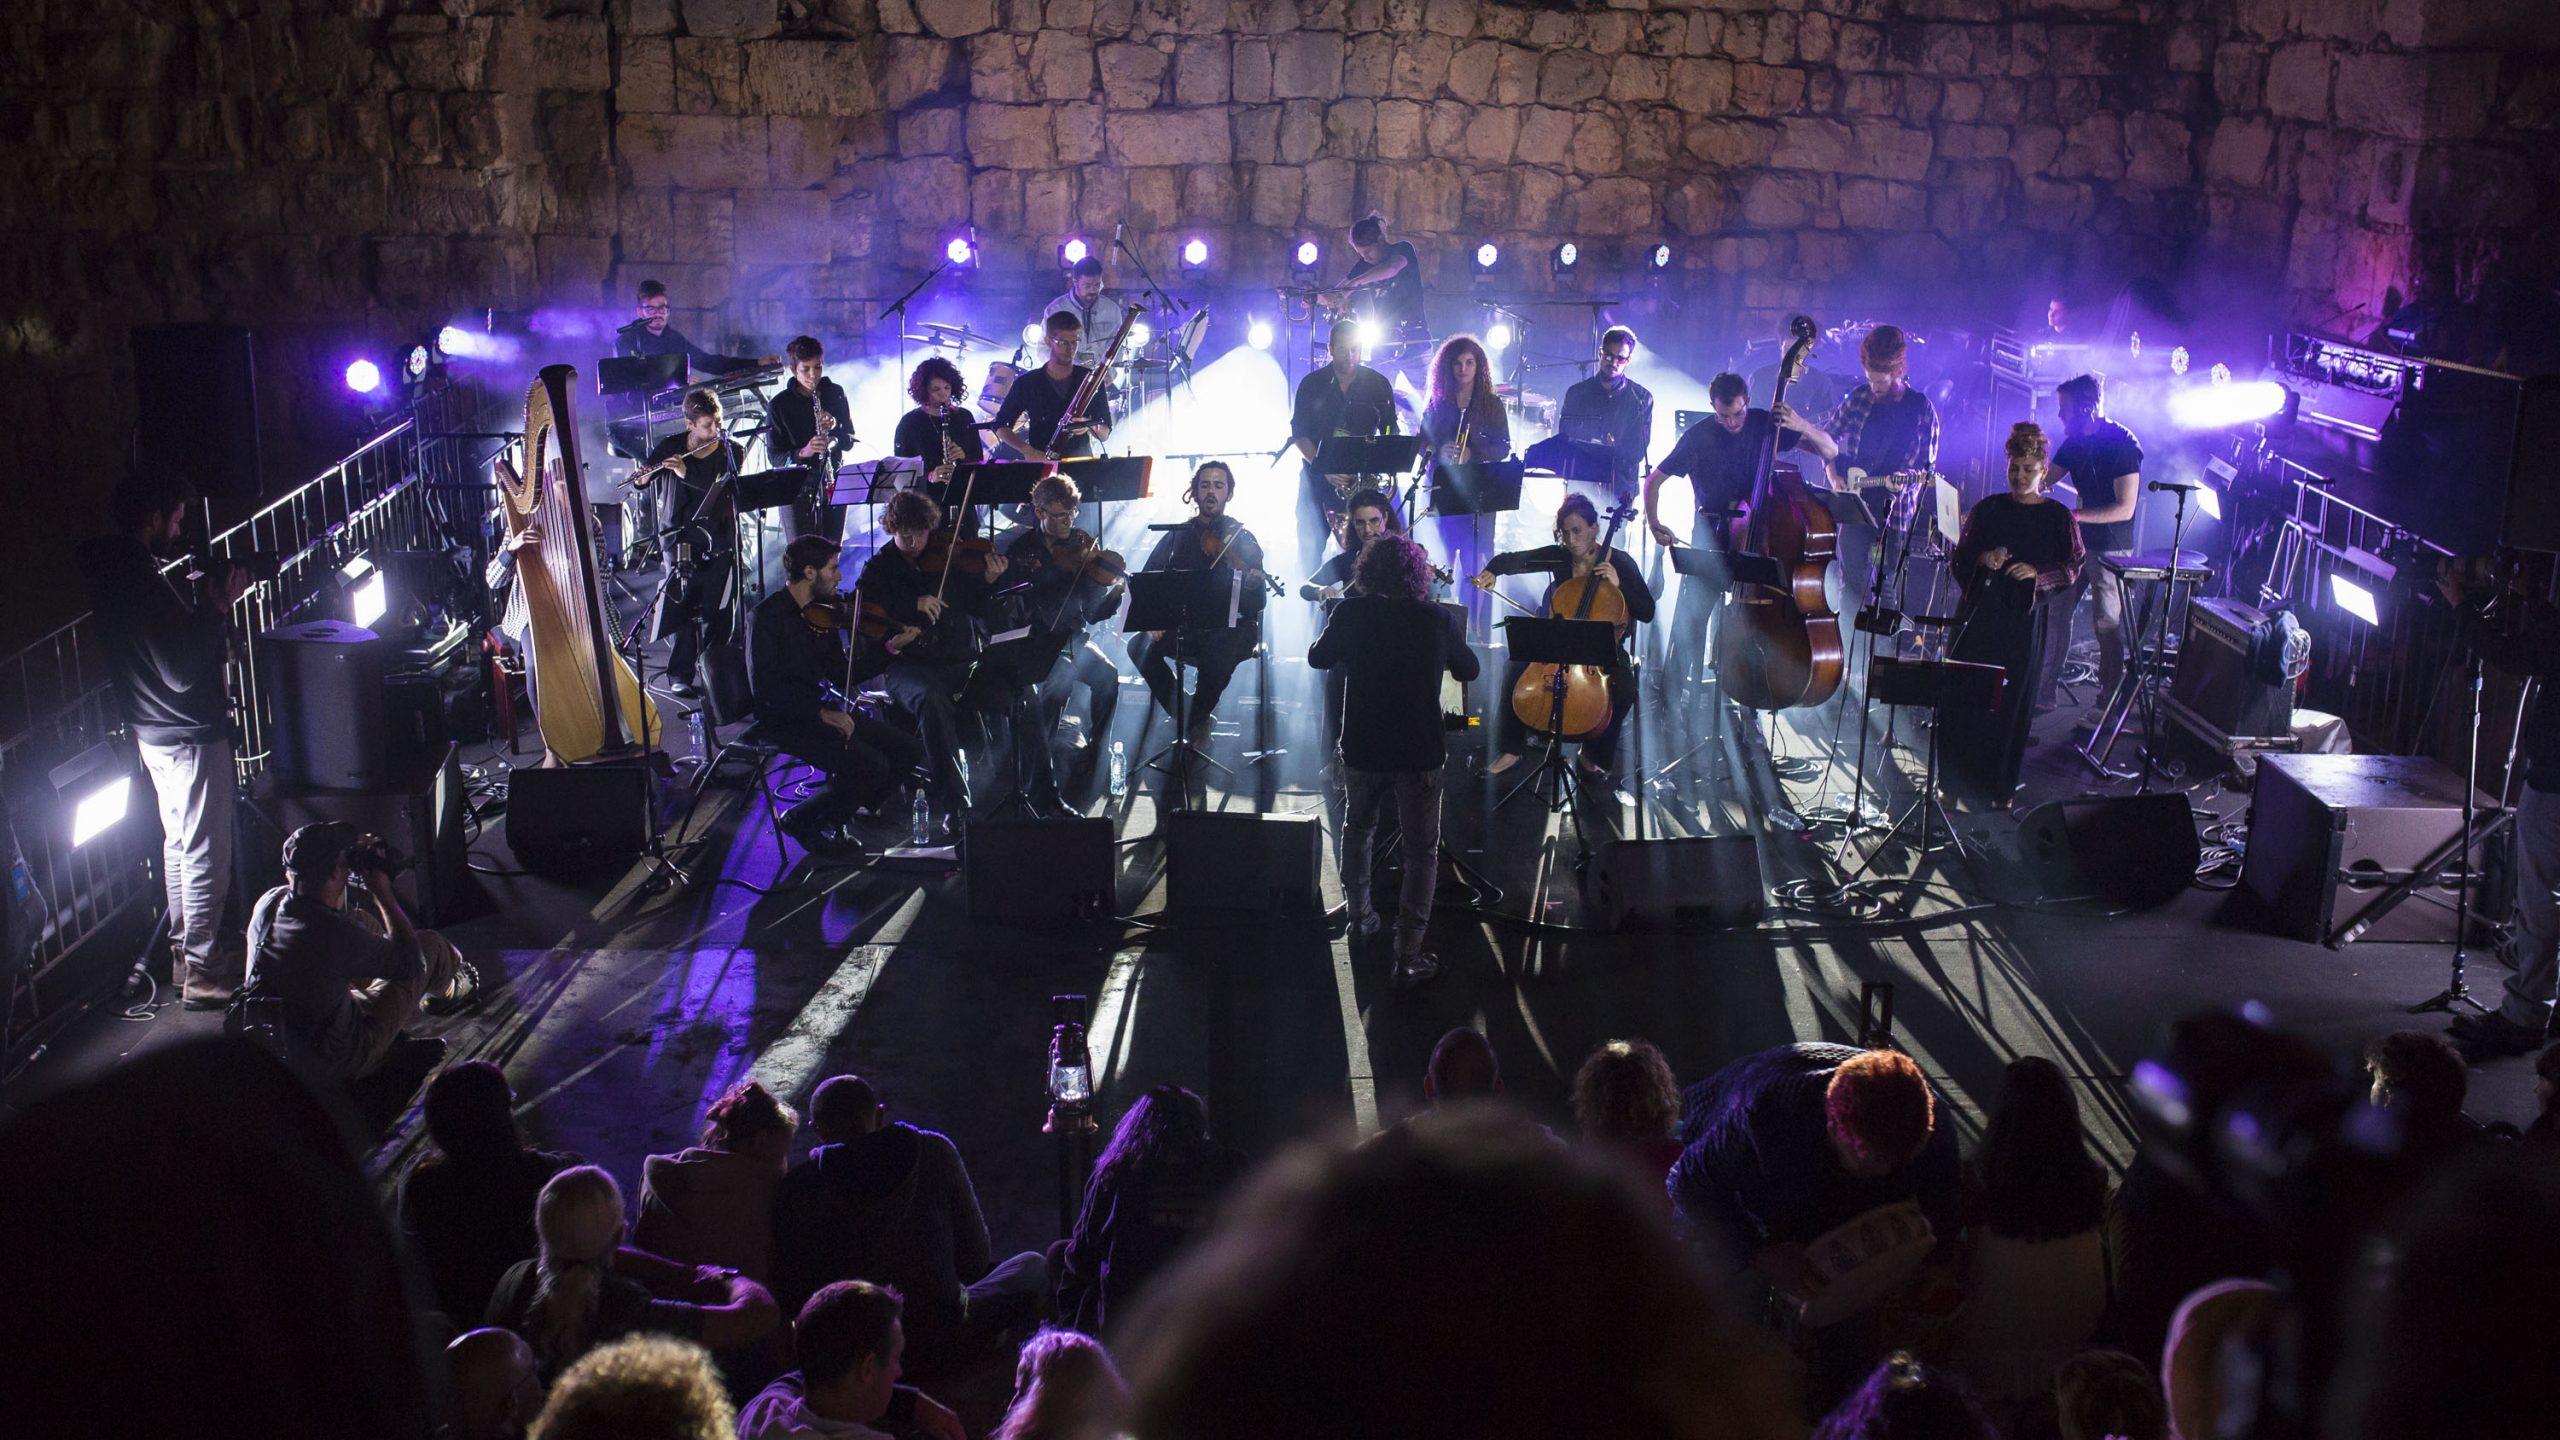 Фестиваль Израиля состоится в Иерусалиме с 3 по 12 сентября 2020 года